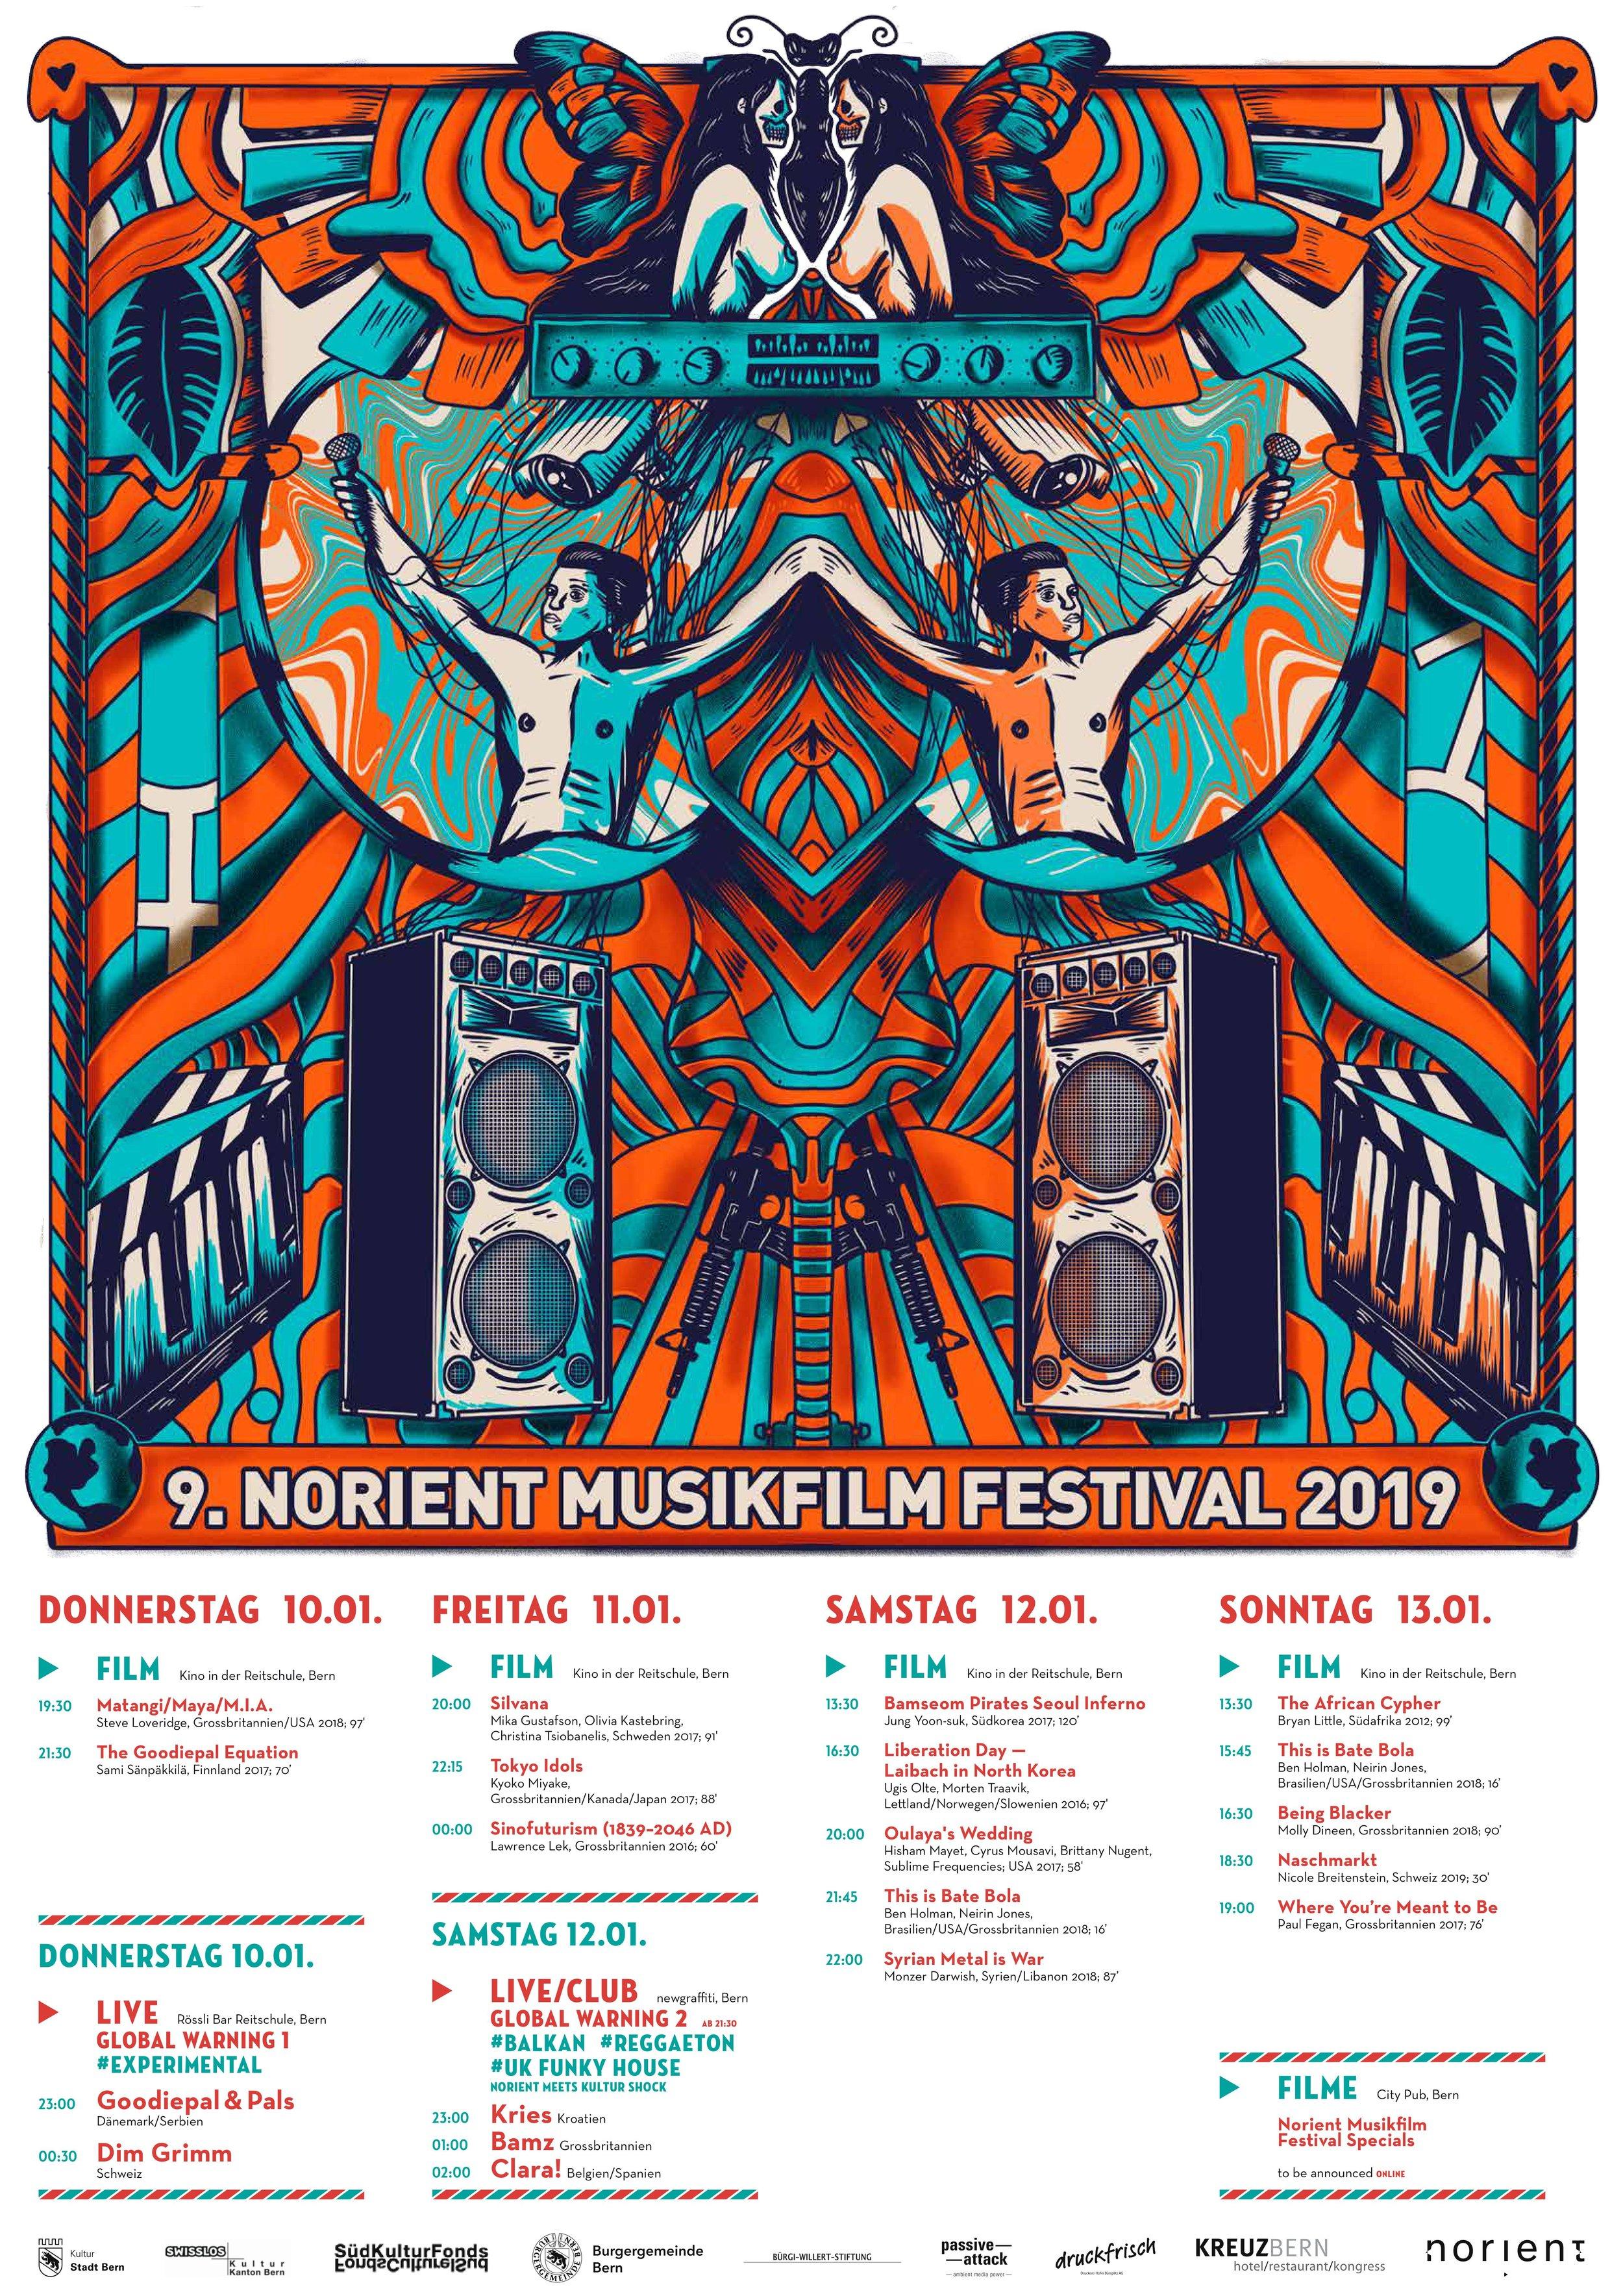 Download festival poster 2019 Art Design: Guillermo González Bravo (Mexico) & Annegreth Schärli (Switzerland)